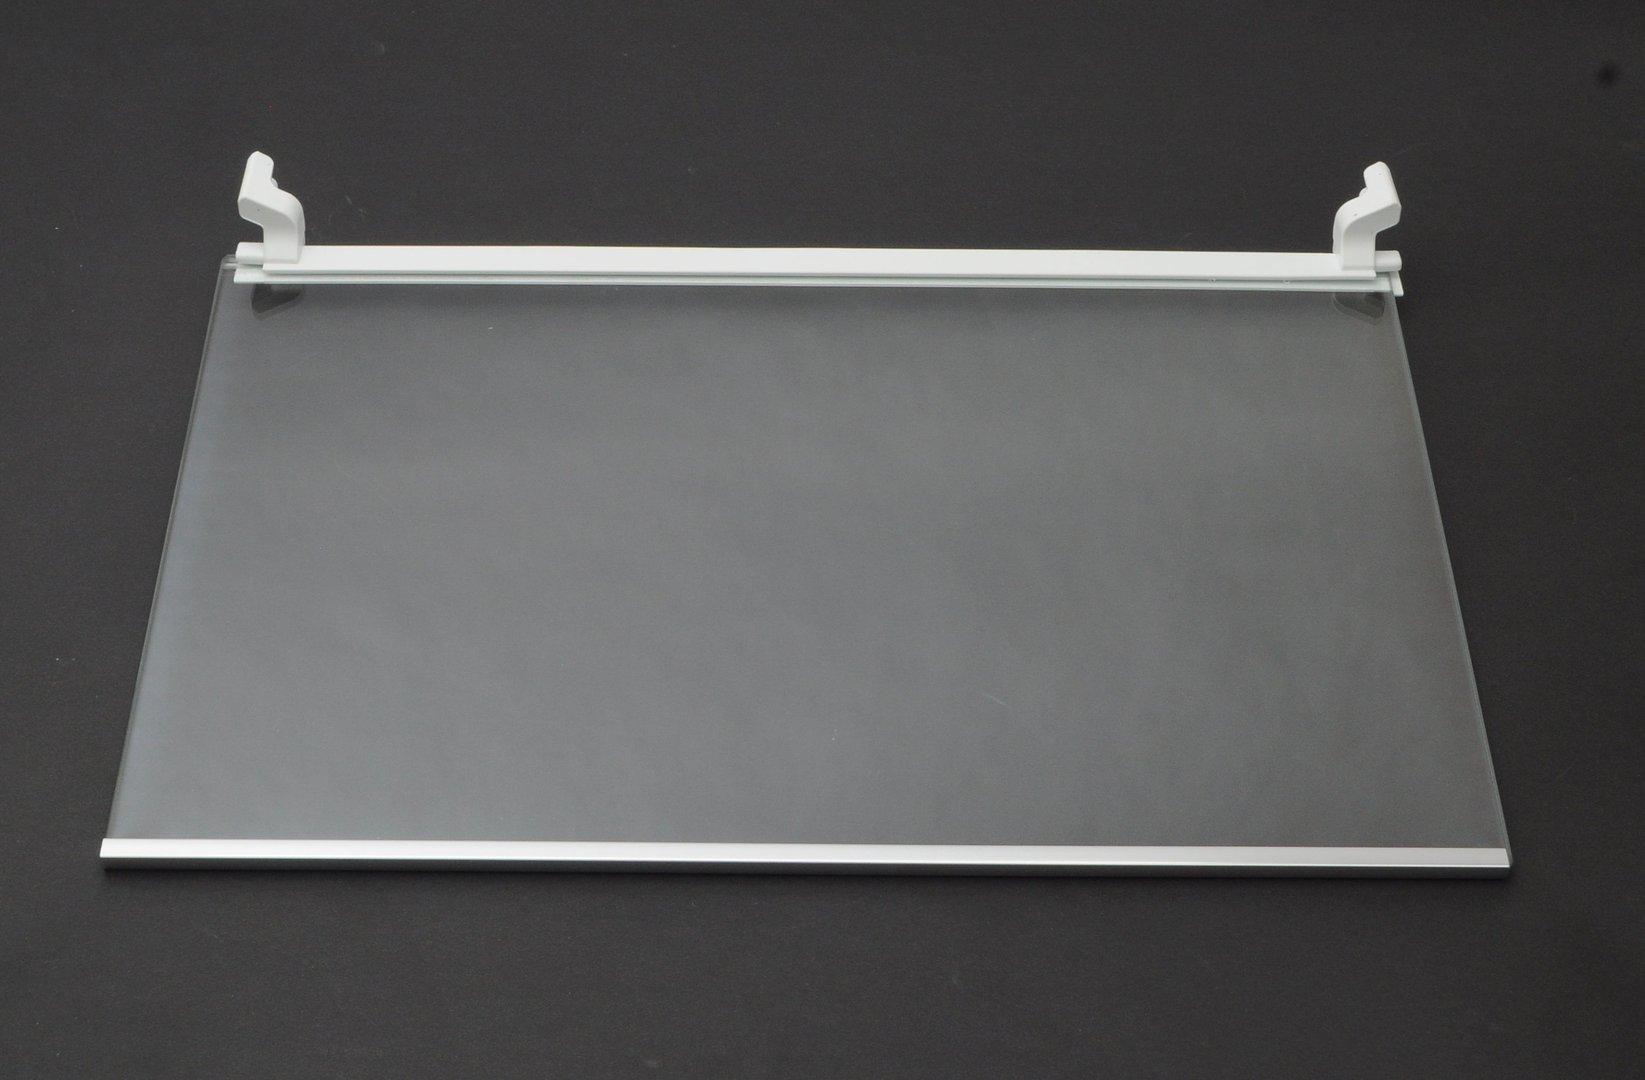 Bosch Kühlschrank Ersatzteile Schweiz : Bosch siemens glasplatte einlegeboden kühlschrank mm